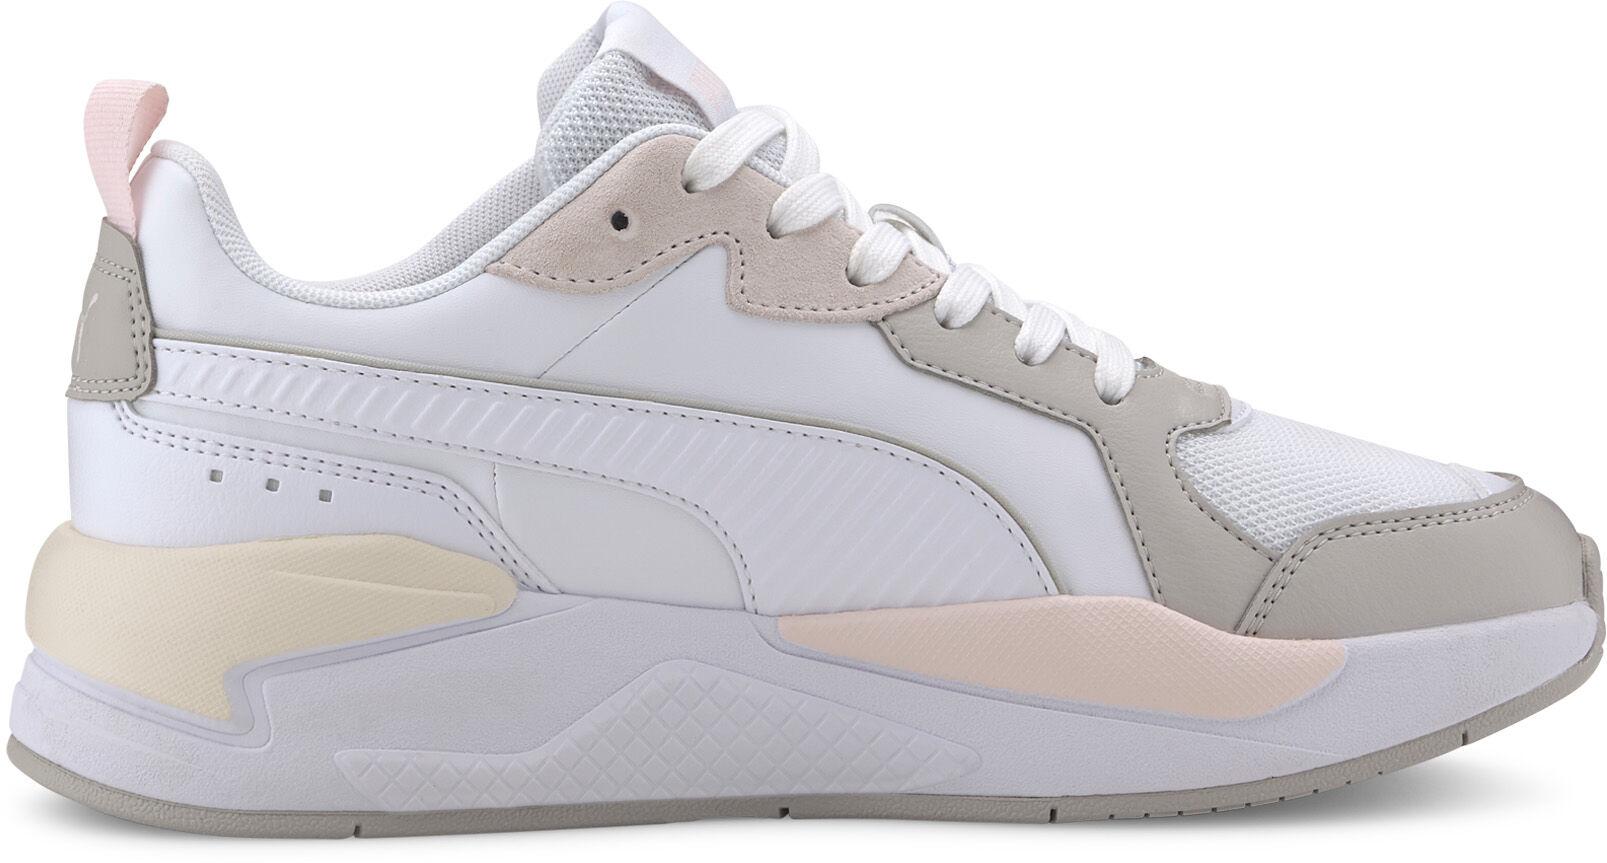 Hvide Puma Herresko | Køb dine nye sko til herrer online hos